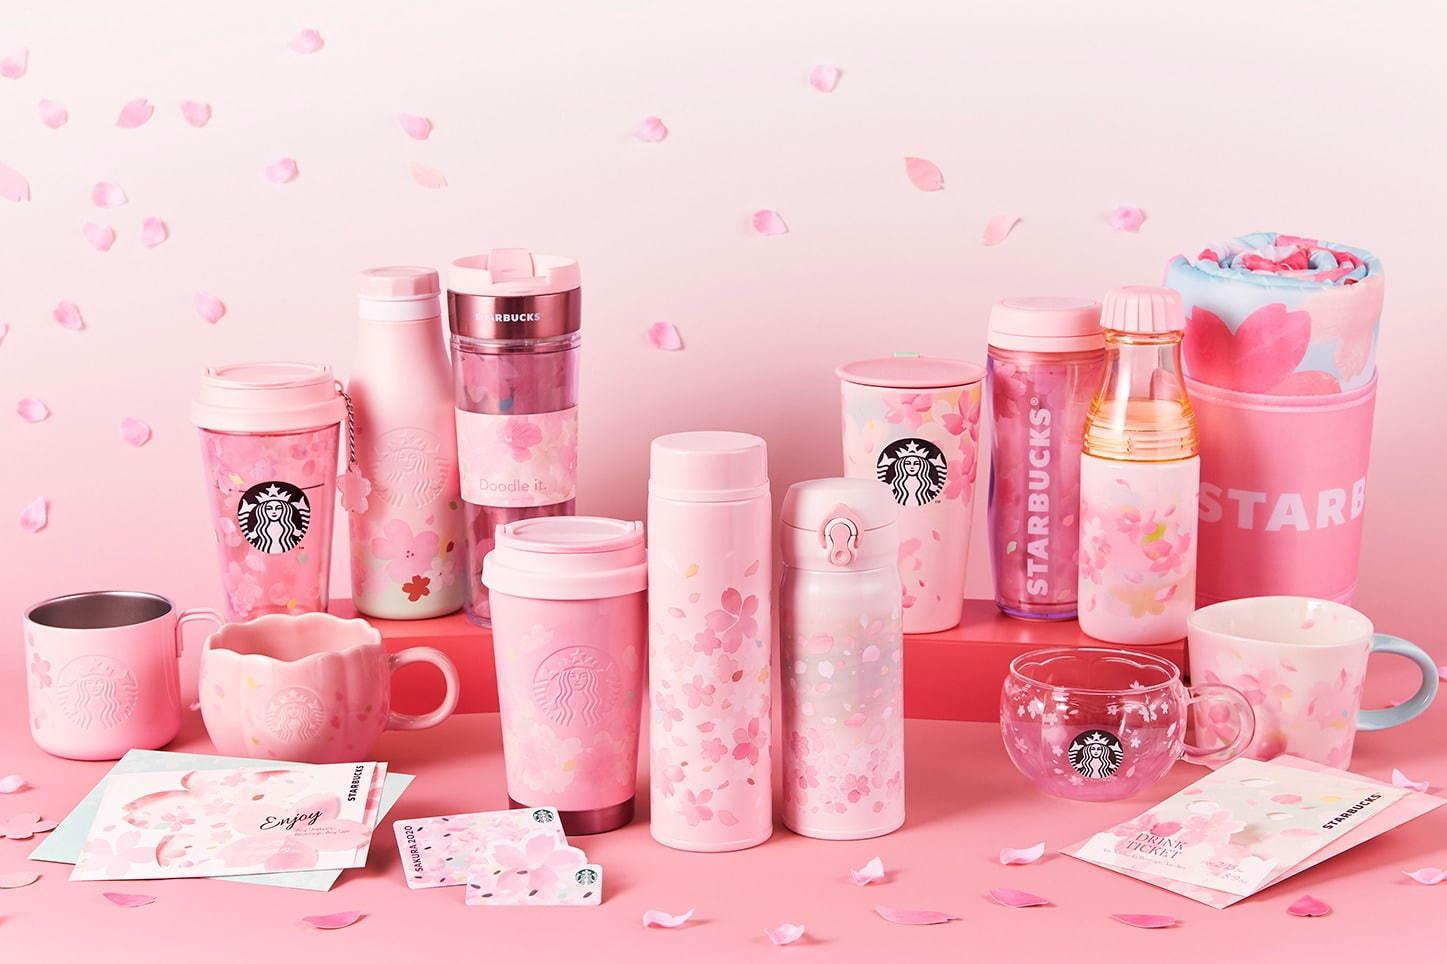 Starbucks Japan Sakura Tumblers and Mugs2020